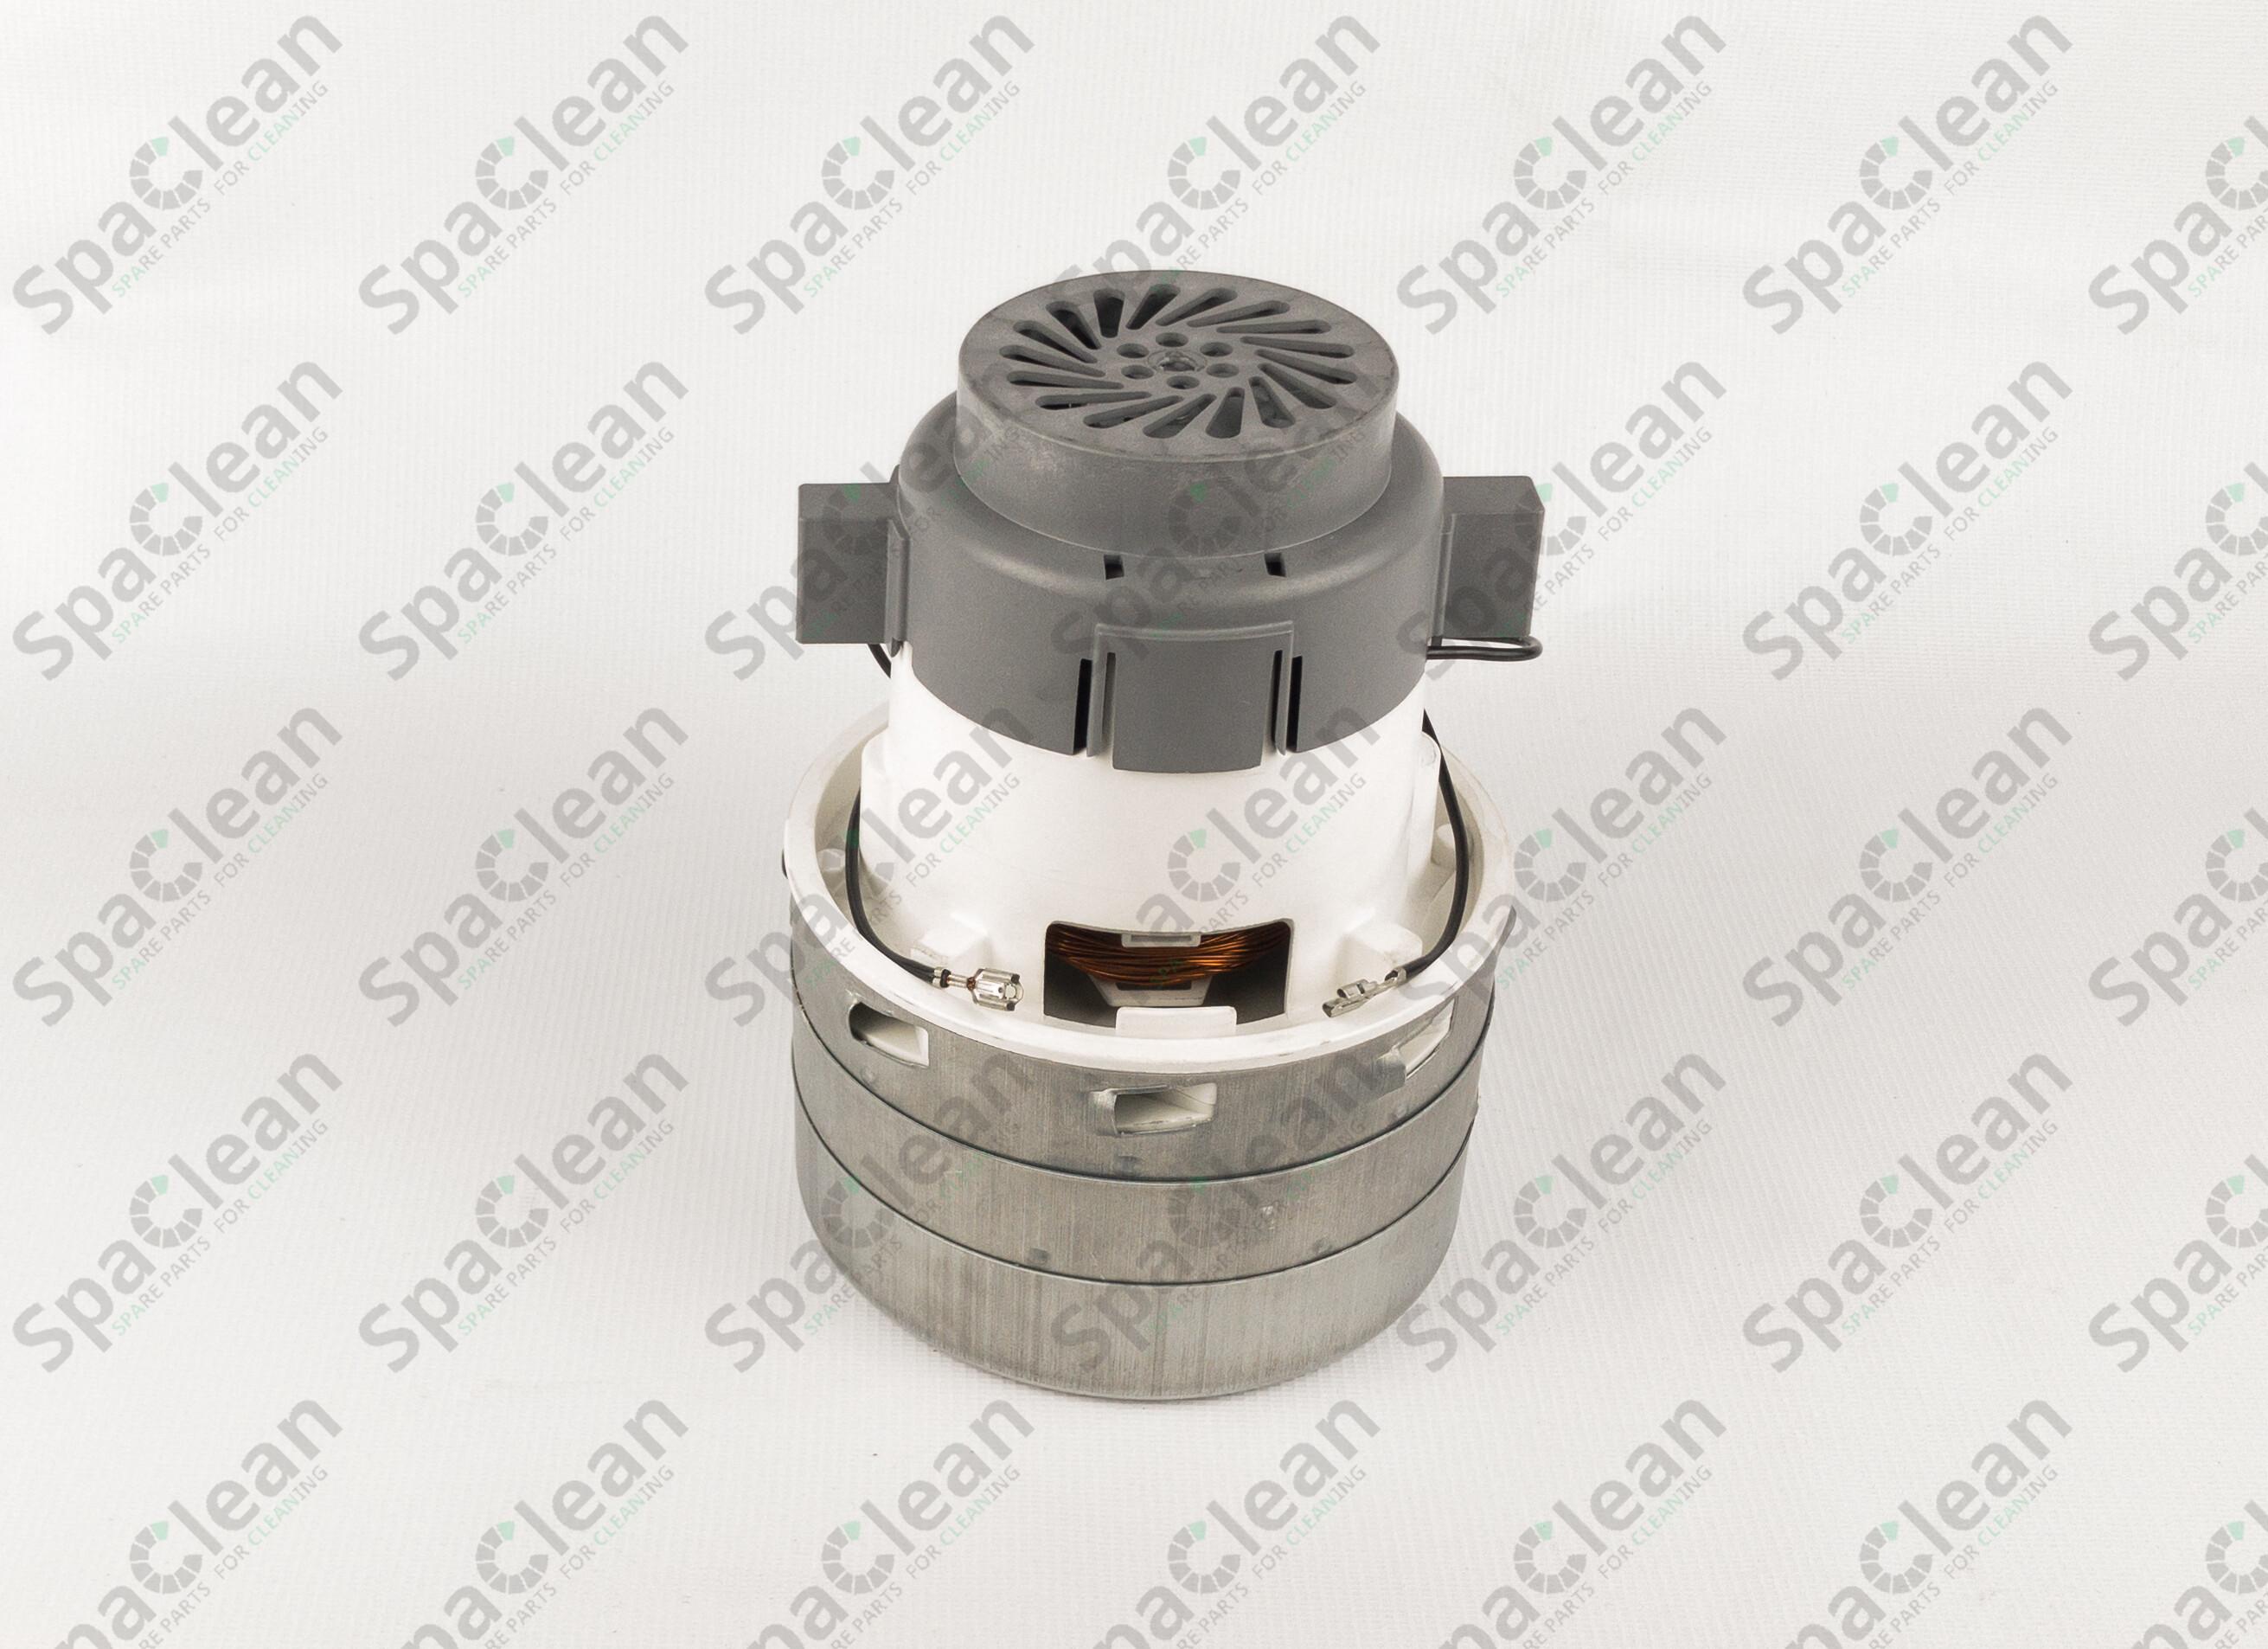 Вакуумный мотор 240V 1500W